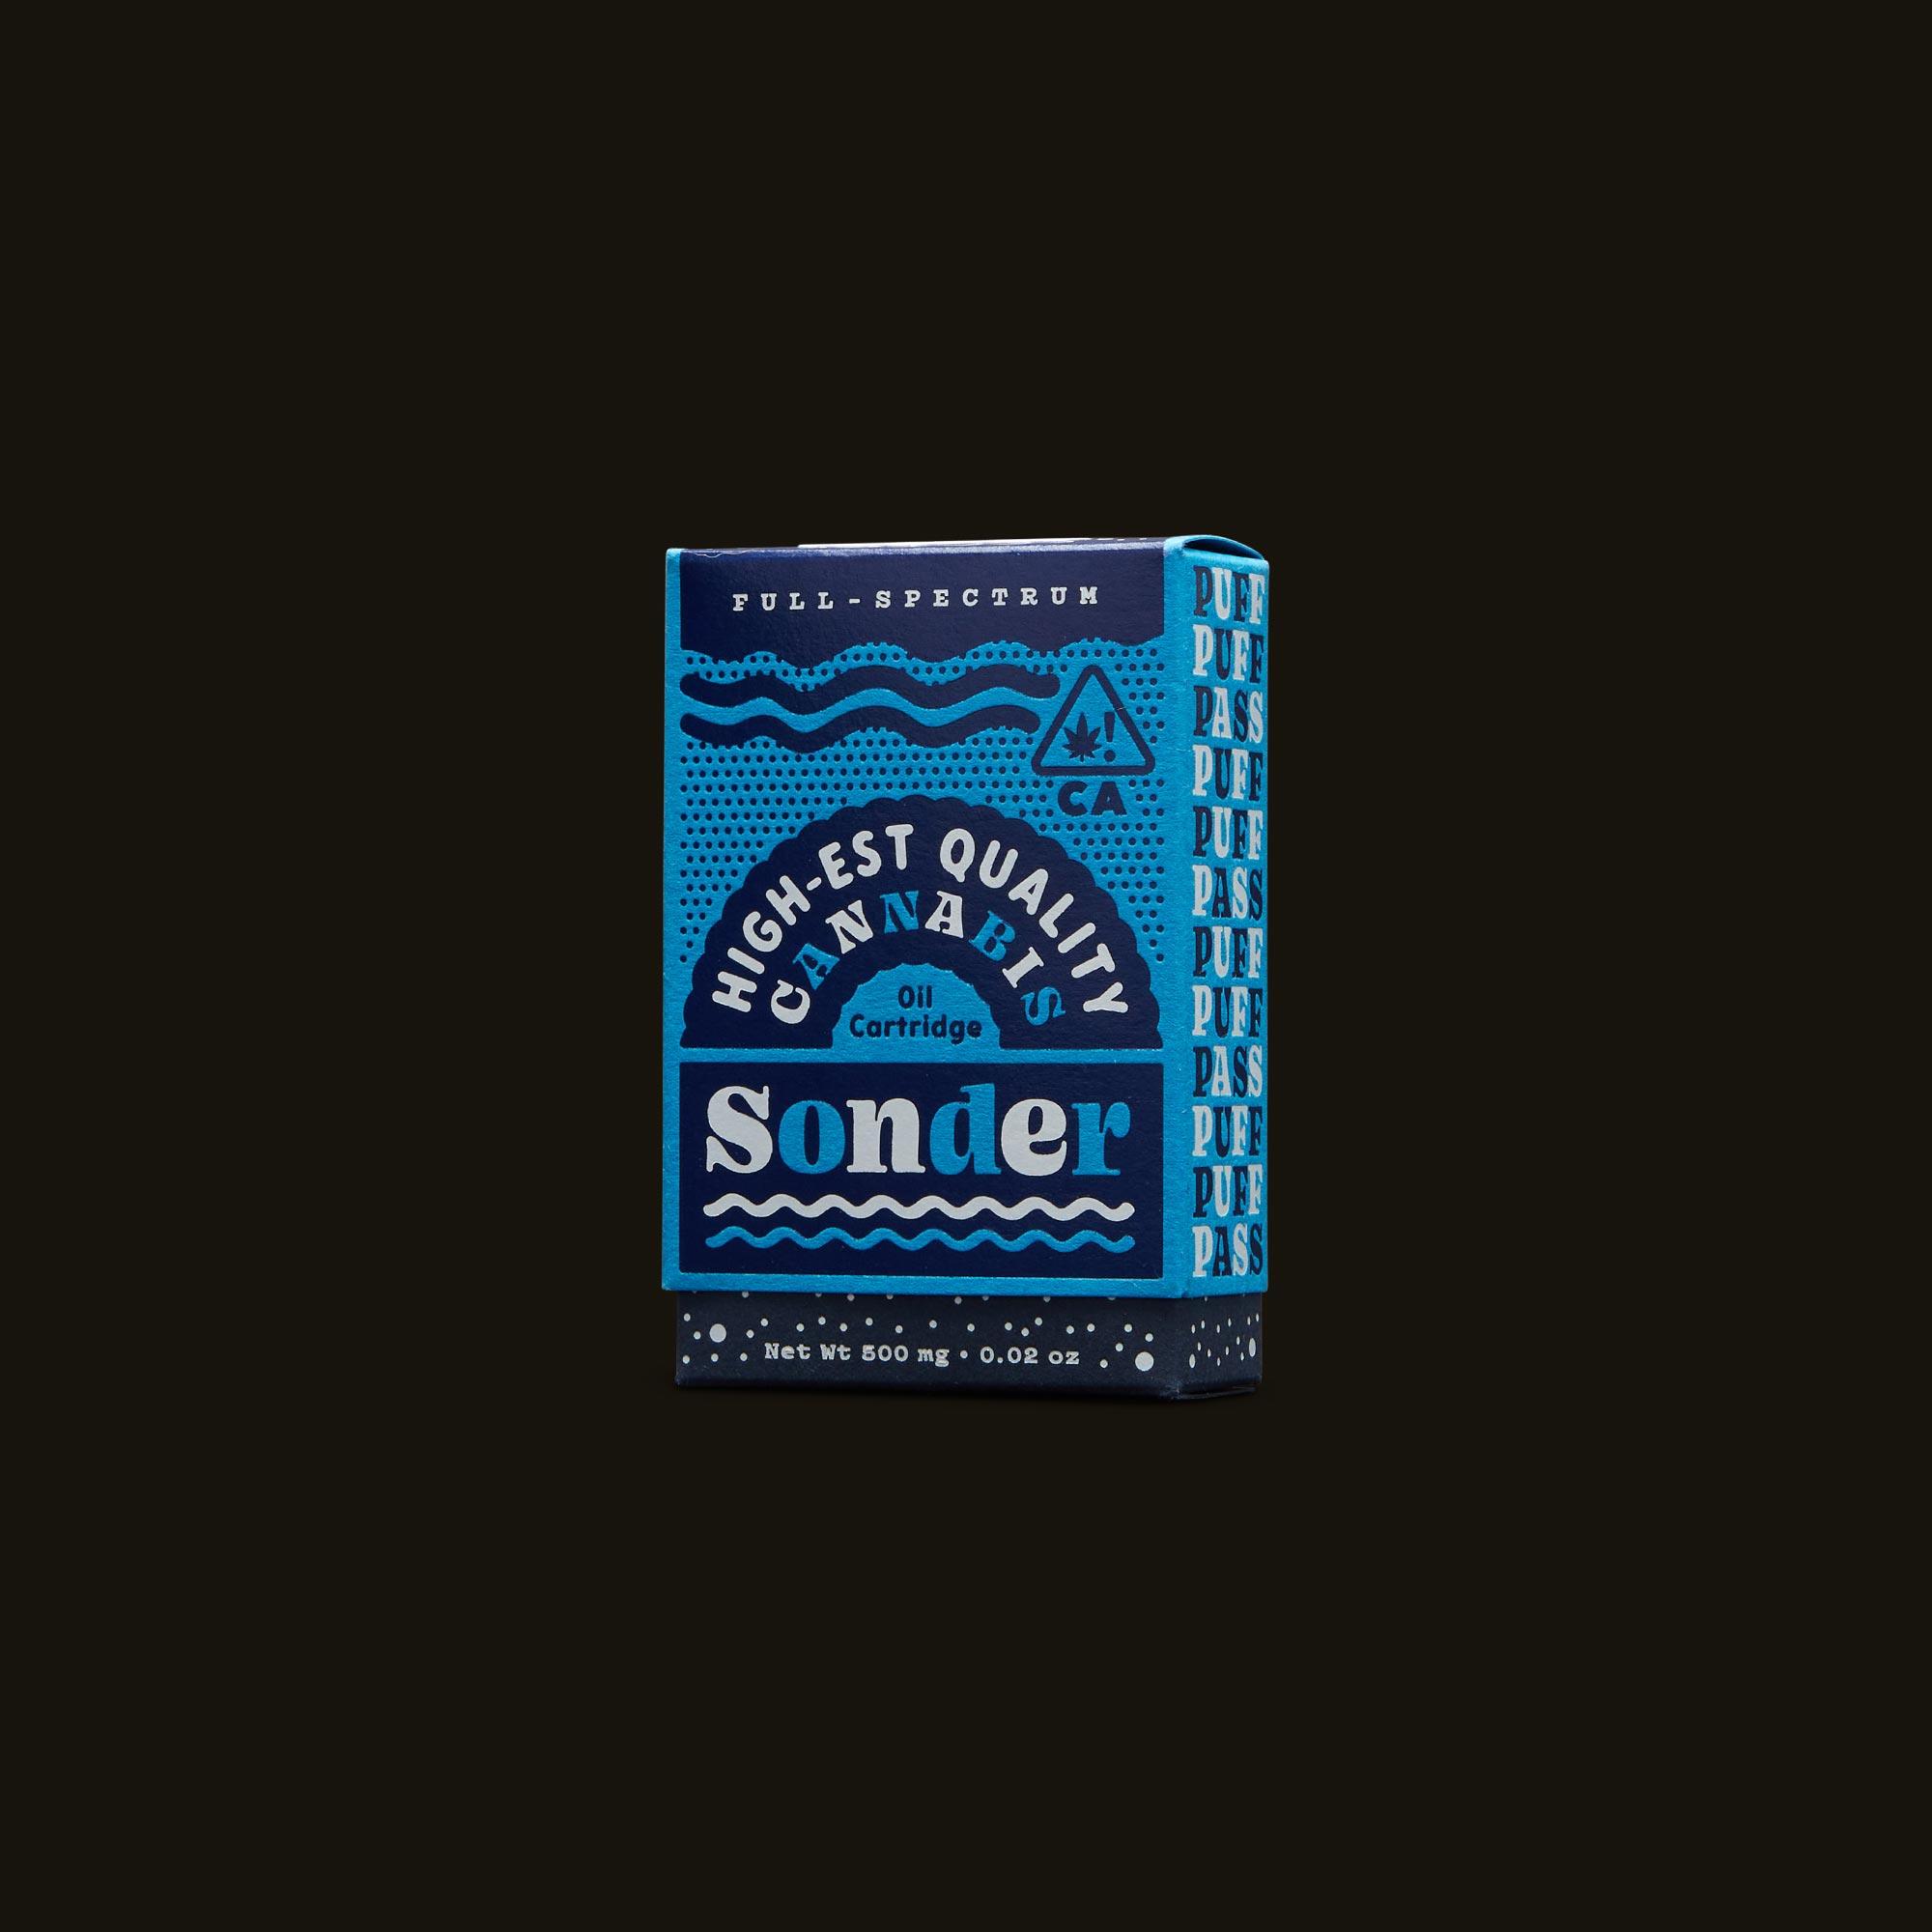 Sonder Vape Pen - Blue Dream Cartridge